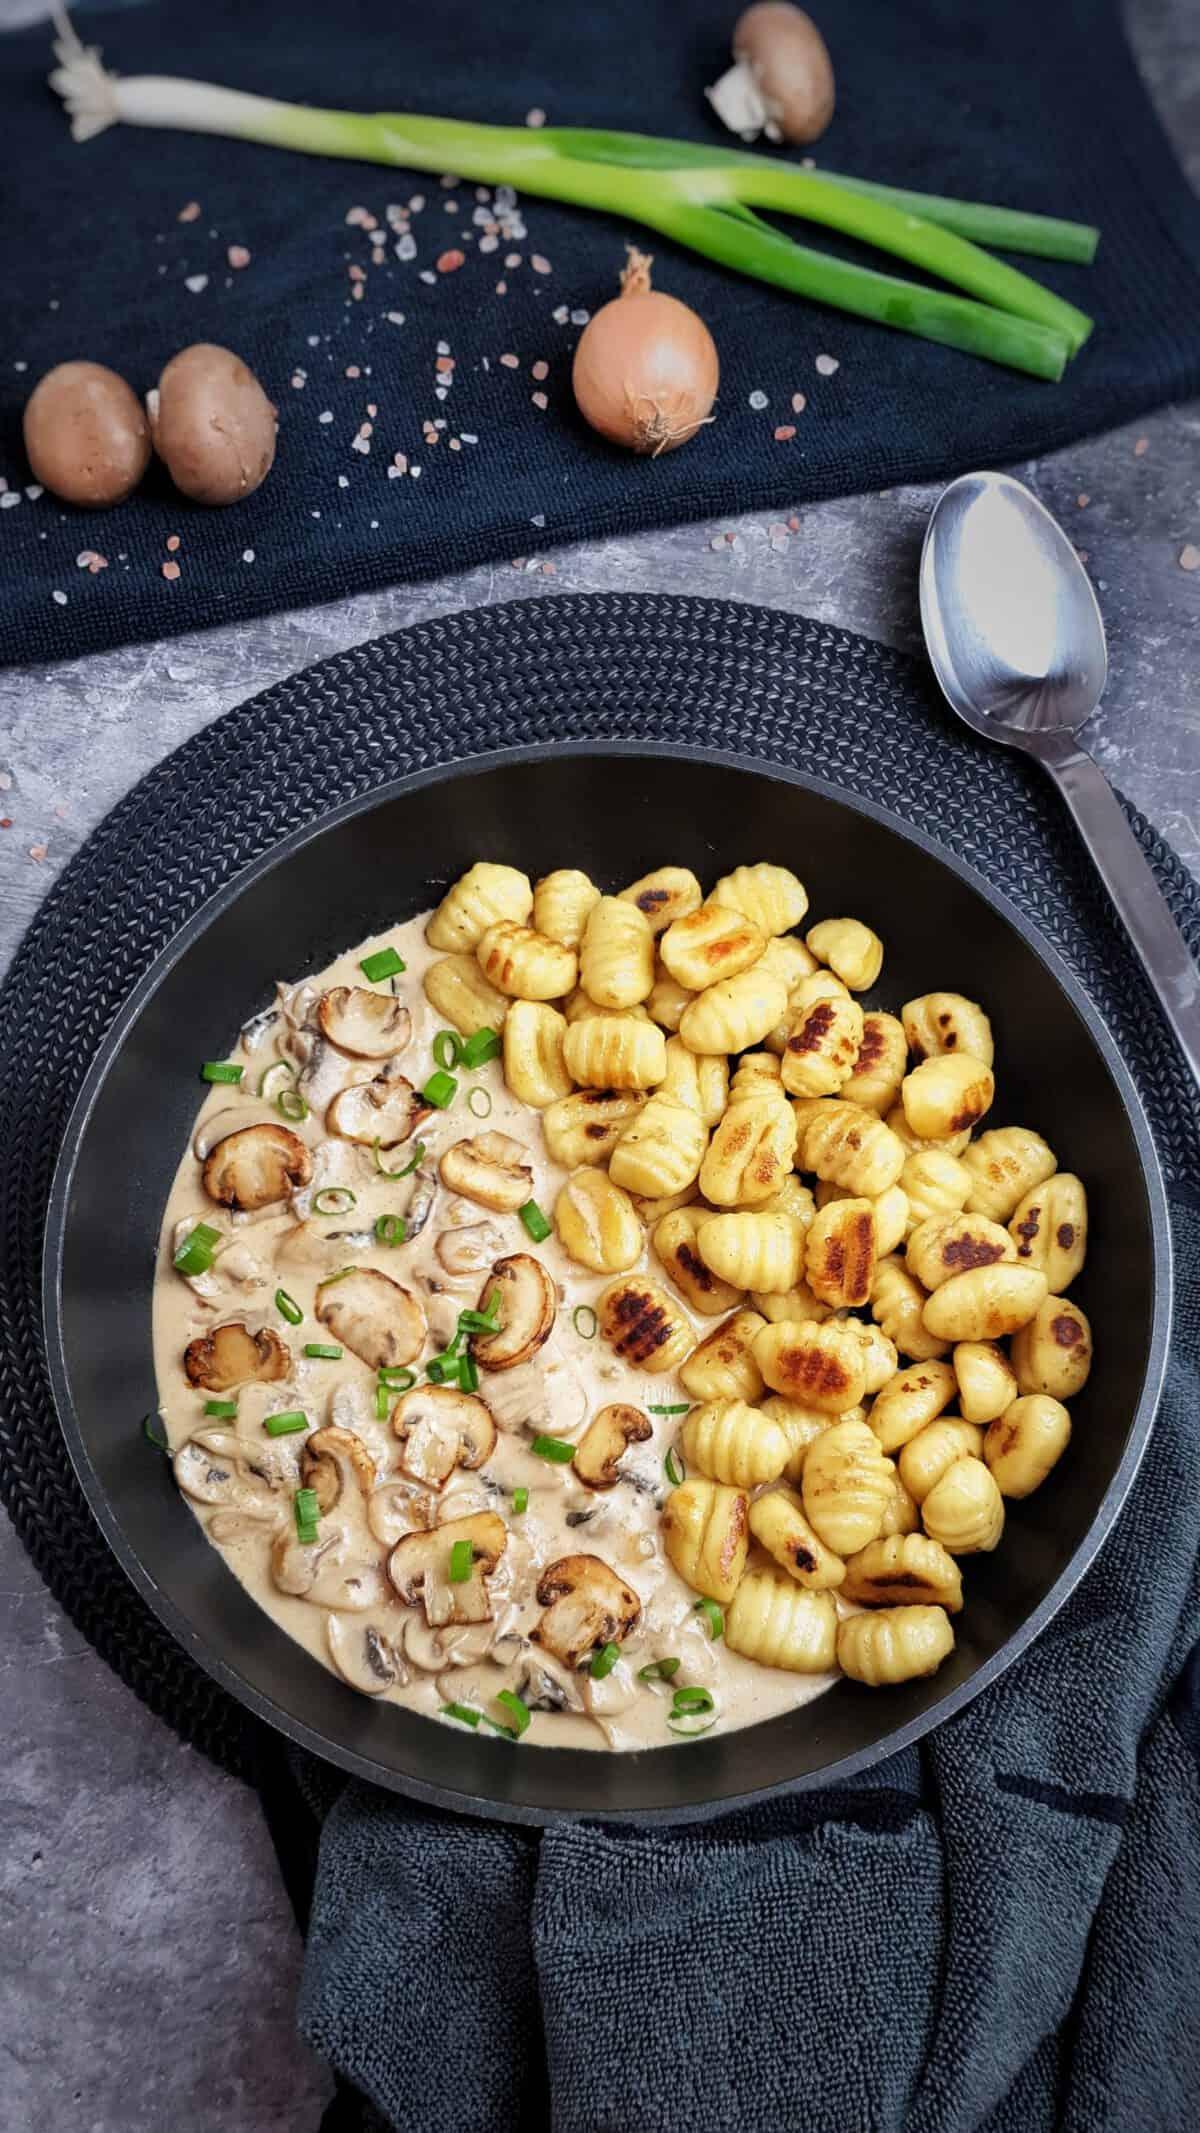 Gnocchi mit Pilzrahmsoße in einer Pfanne angerichtet und mit Schnittlauch bestreut.